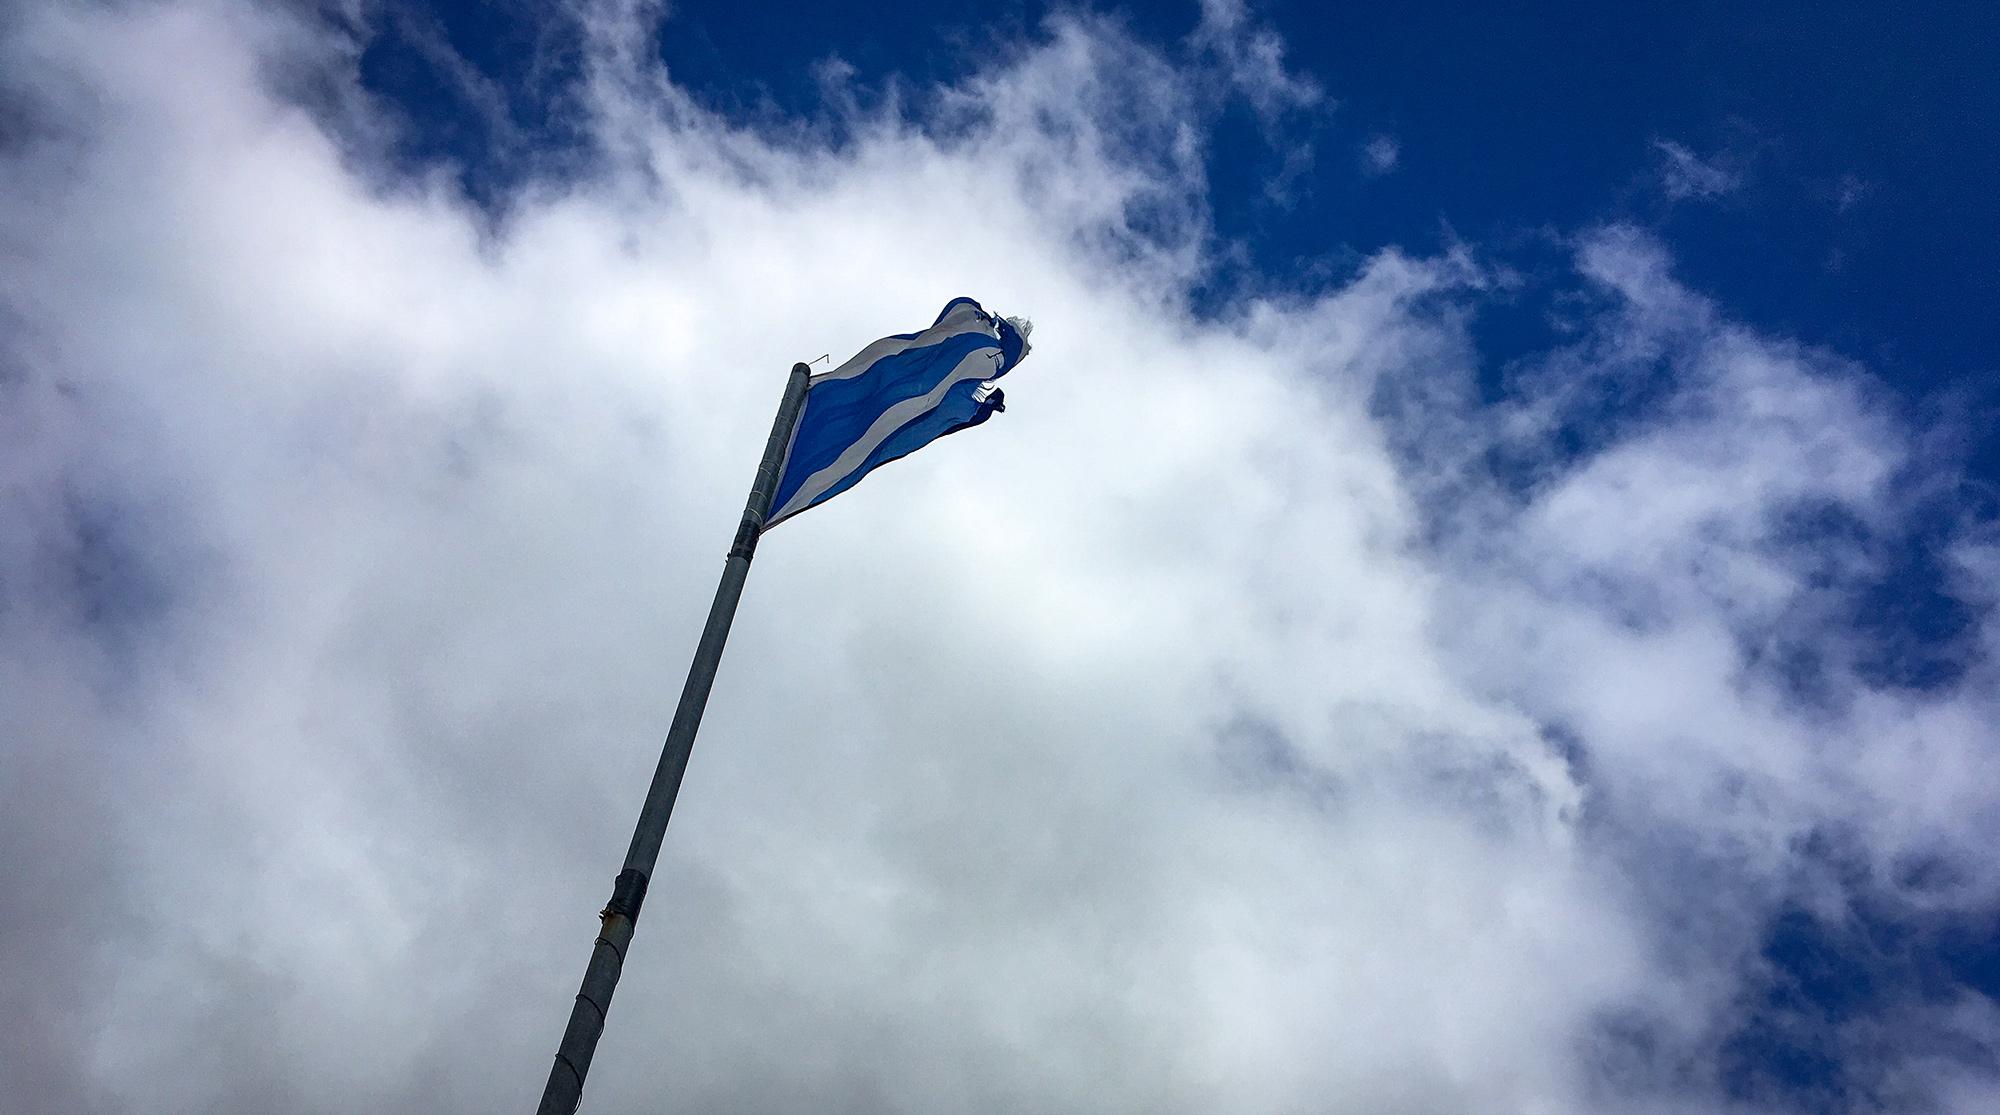 Schottische Flagge weht vor weißen QWolken und blauem Himmel